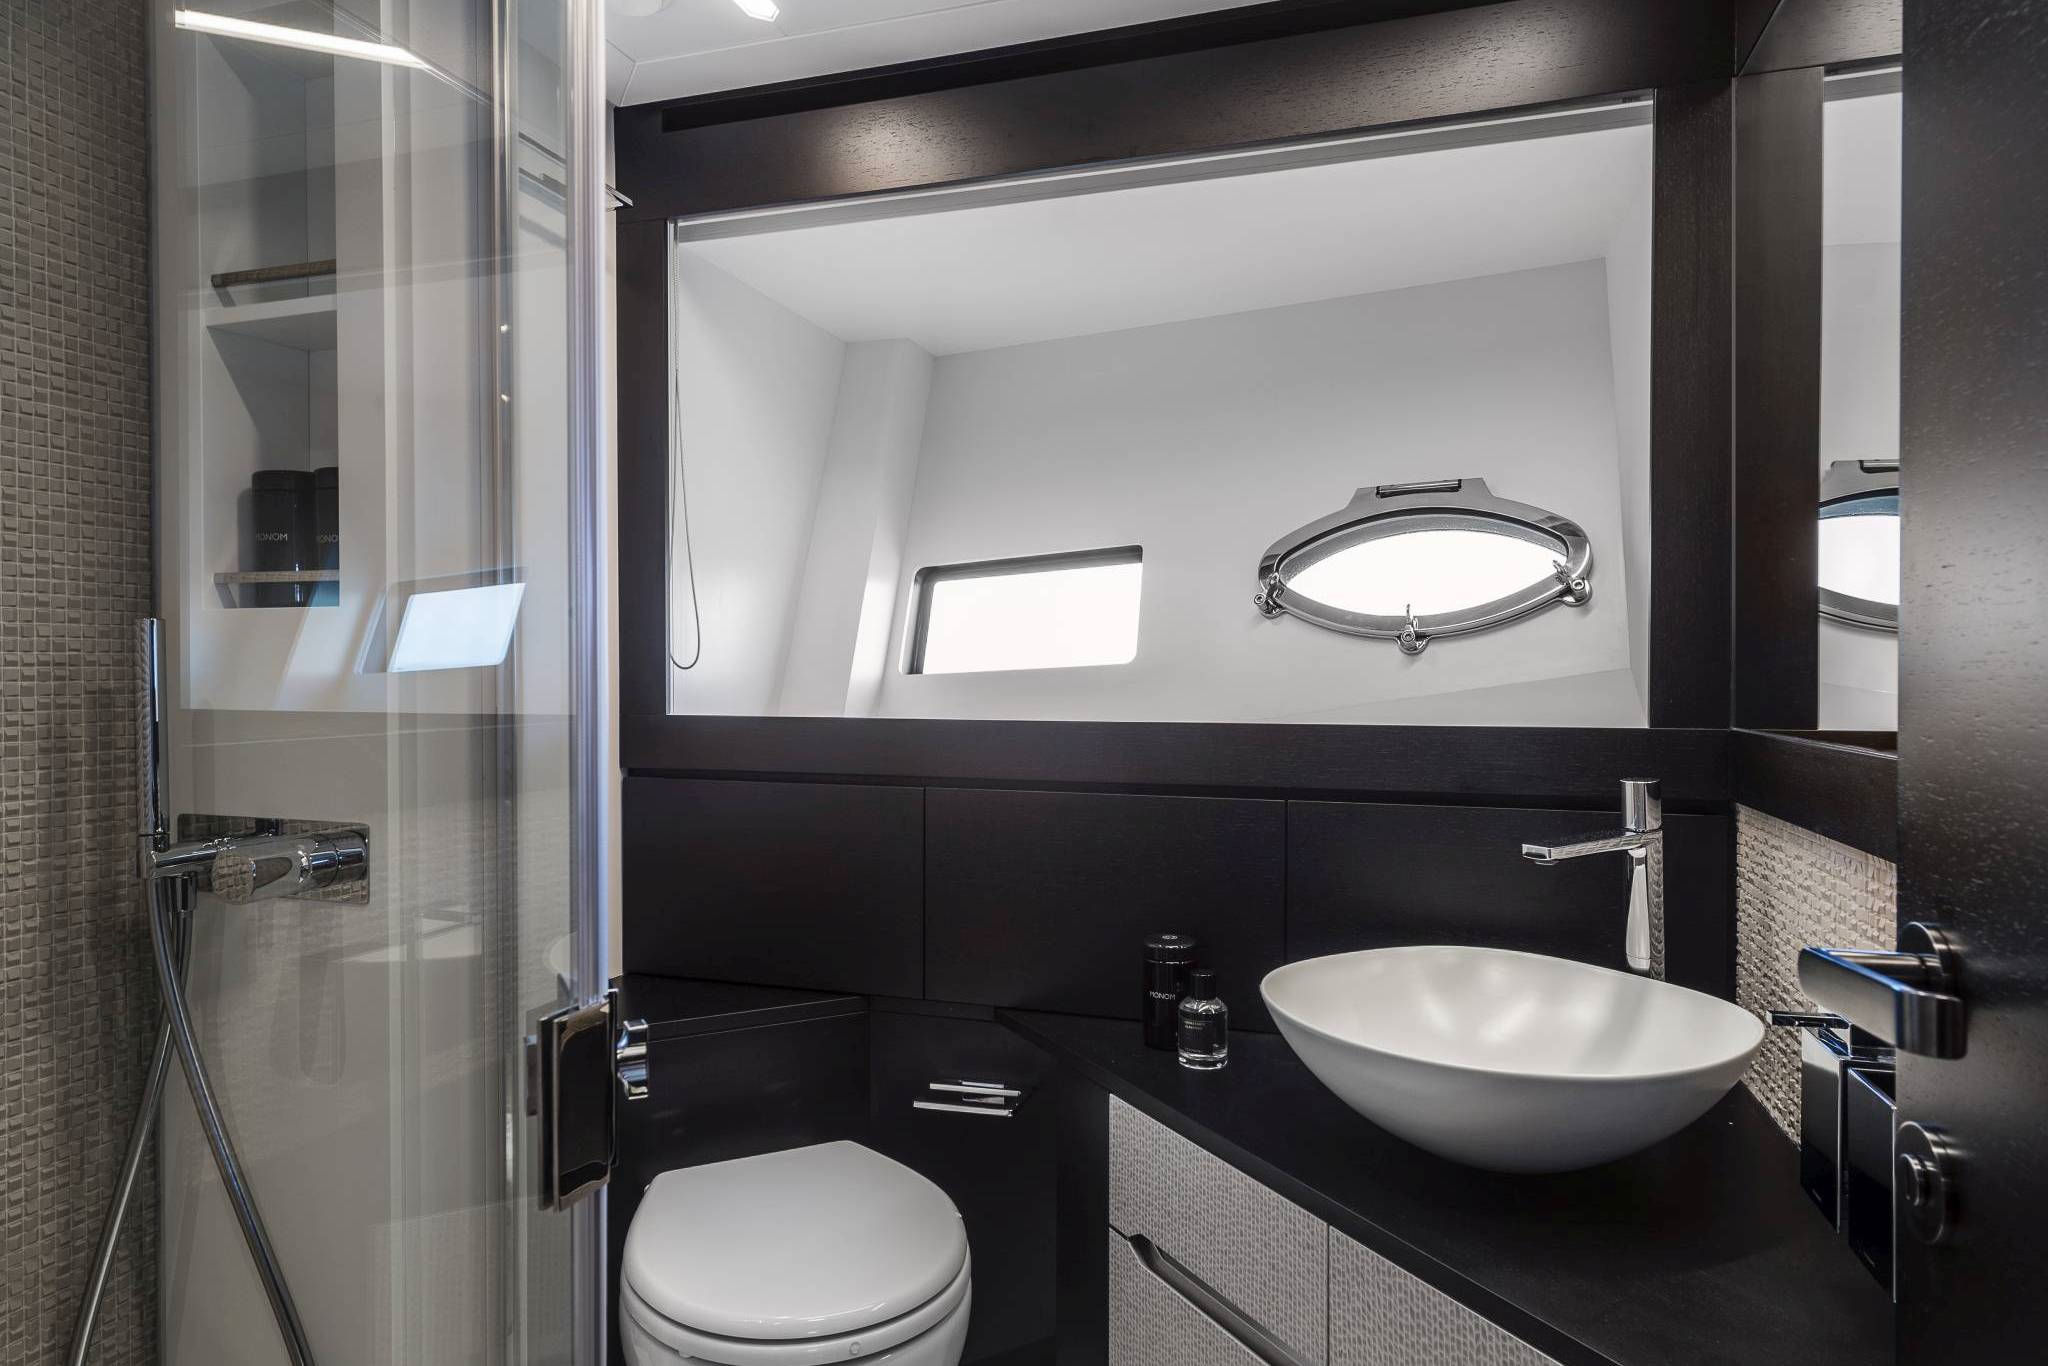 Beyond Bathroom Lower Deck